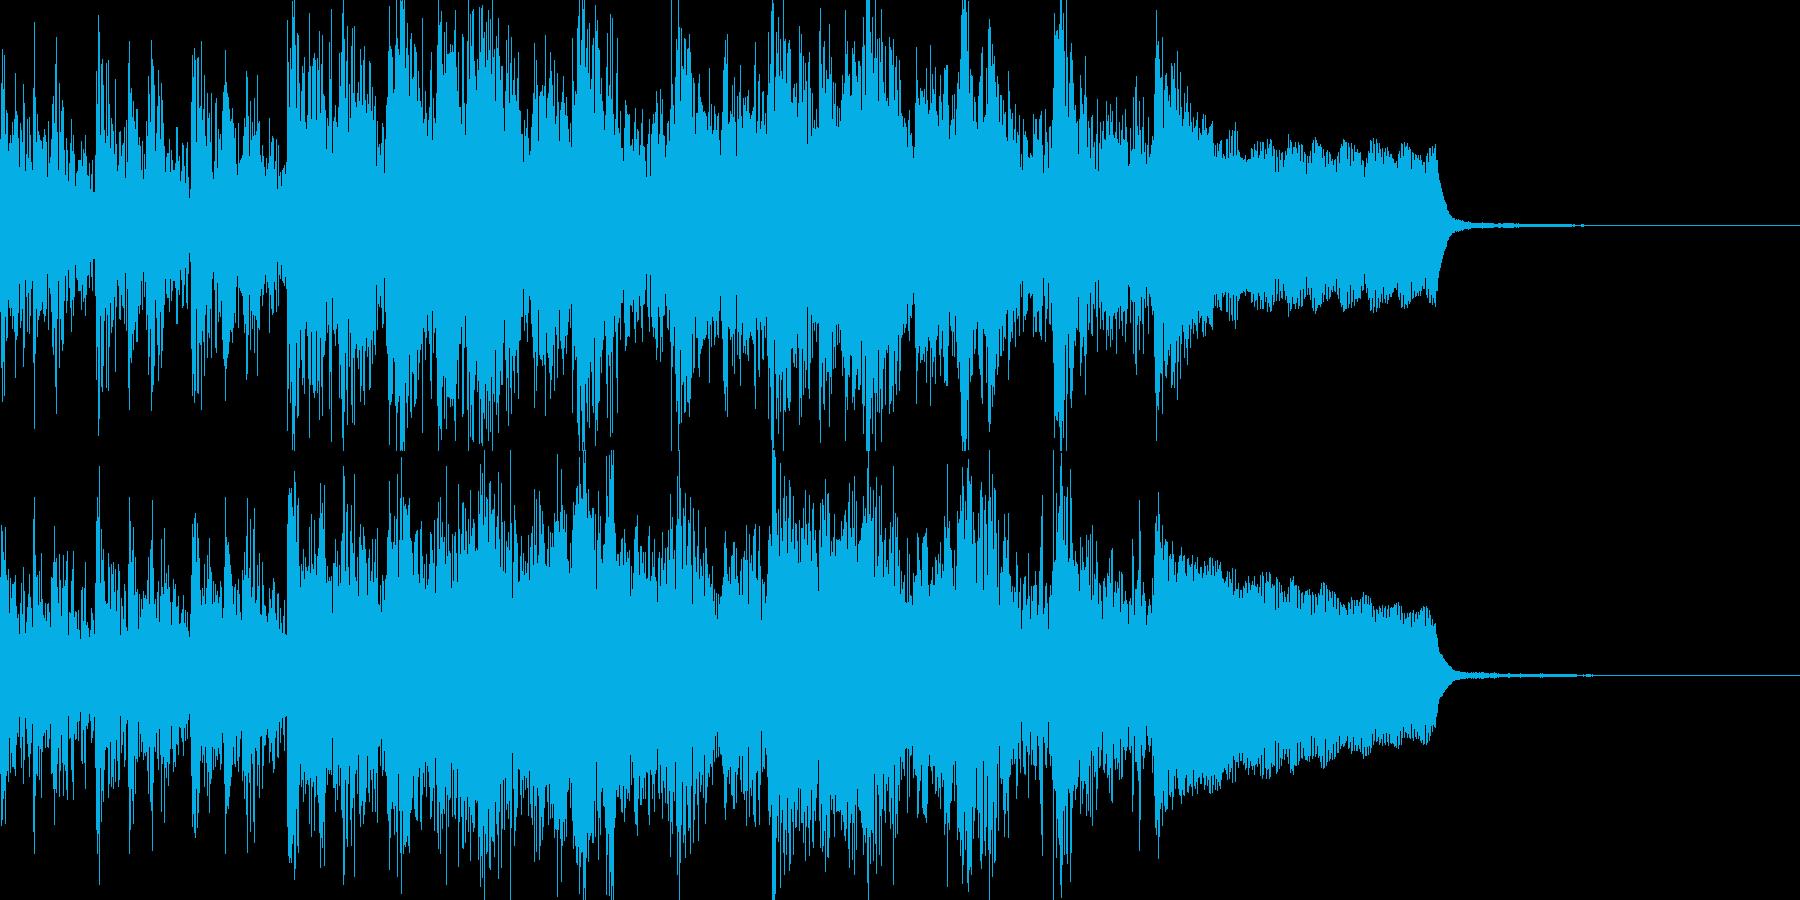 和太鼓、琴、笛で軽やかな和風ジングルの再生済みの波形